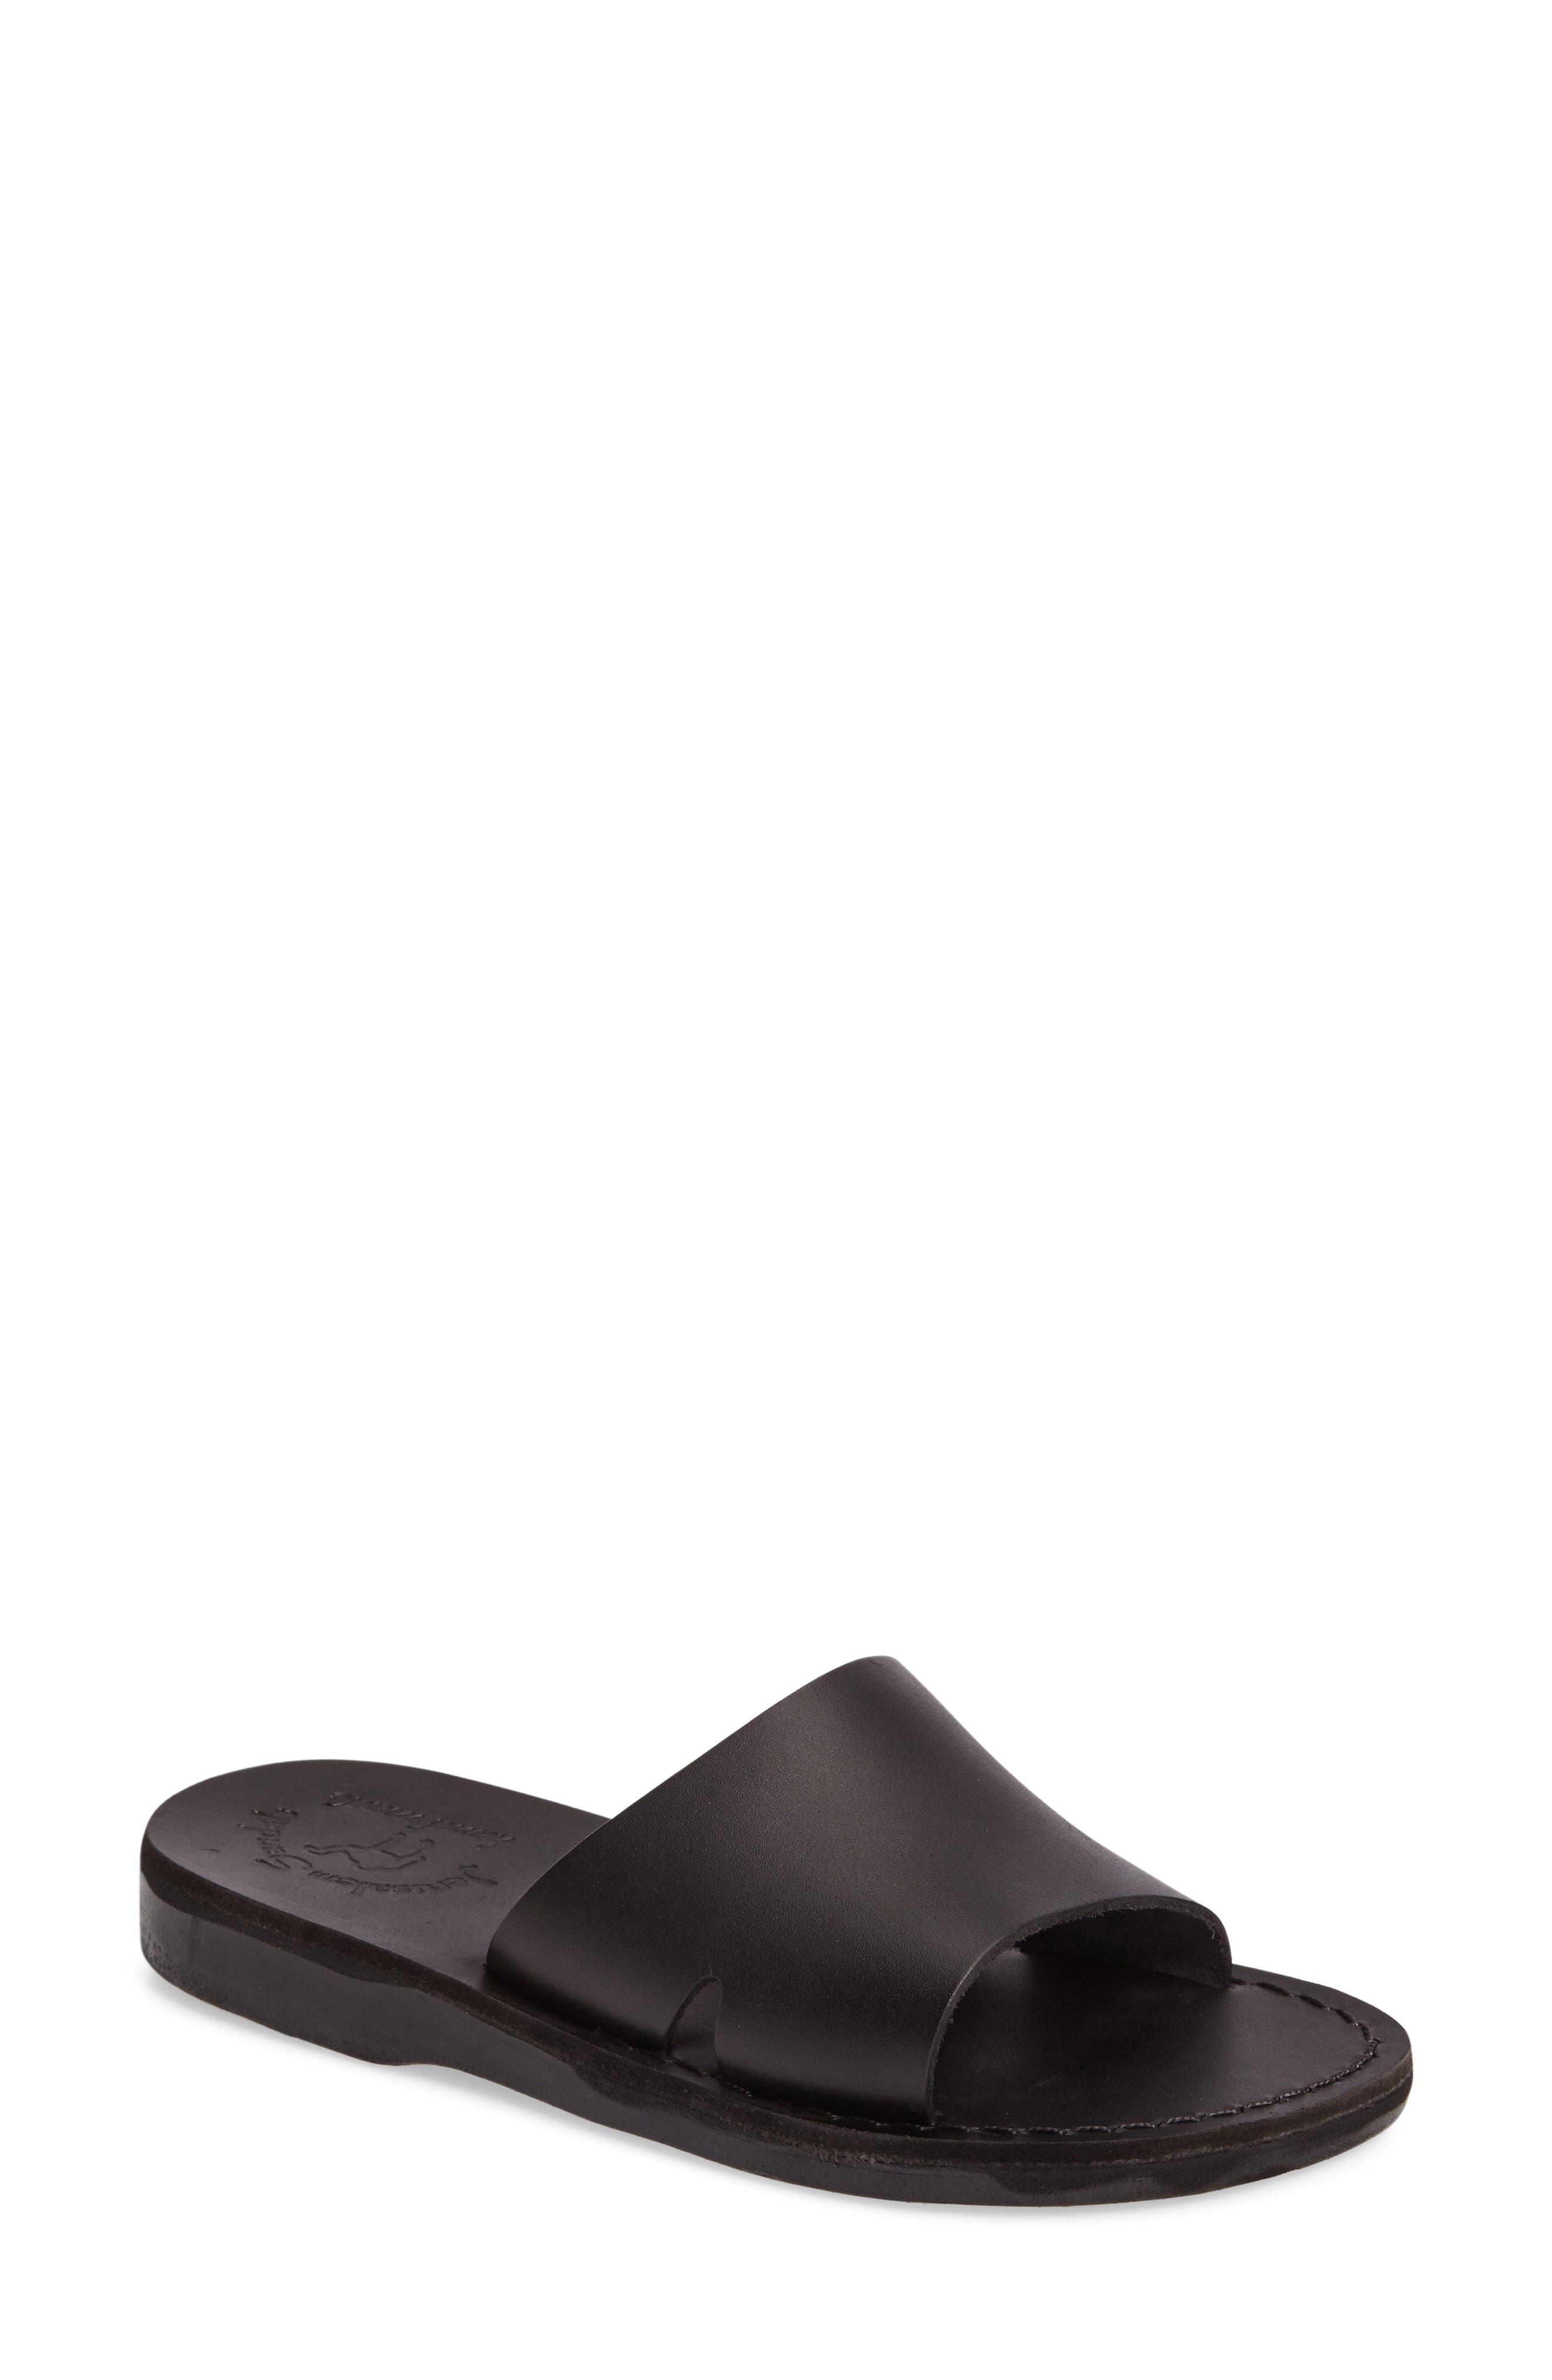 Bashan Open Toe Slide,                         Main,                         color, BLACK LEATHER